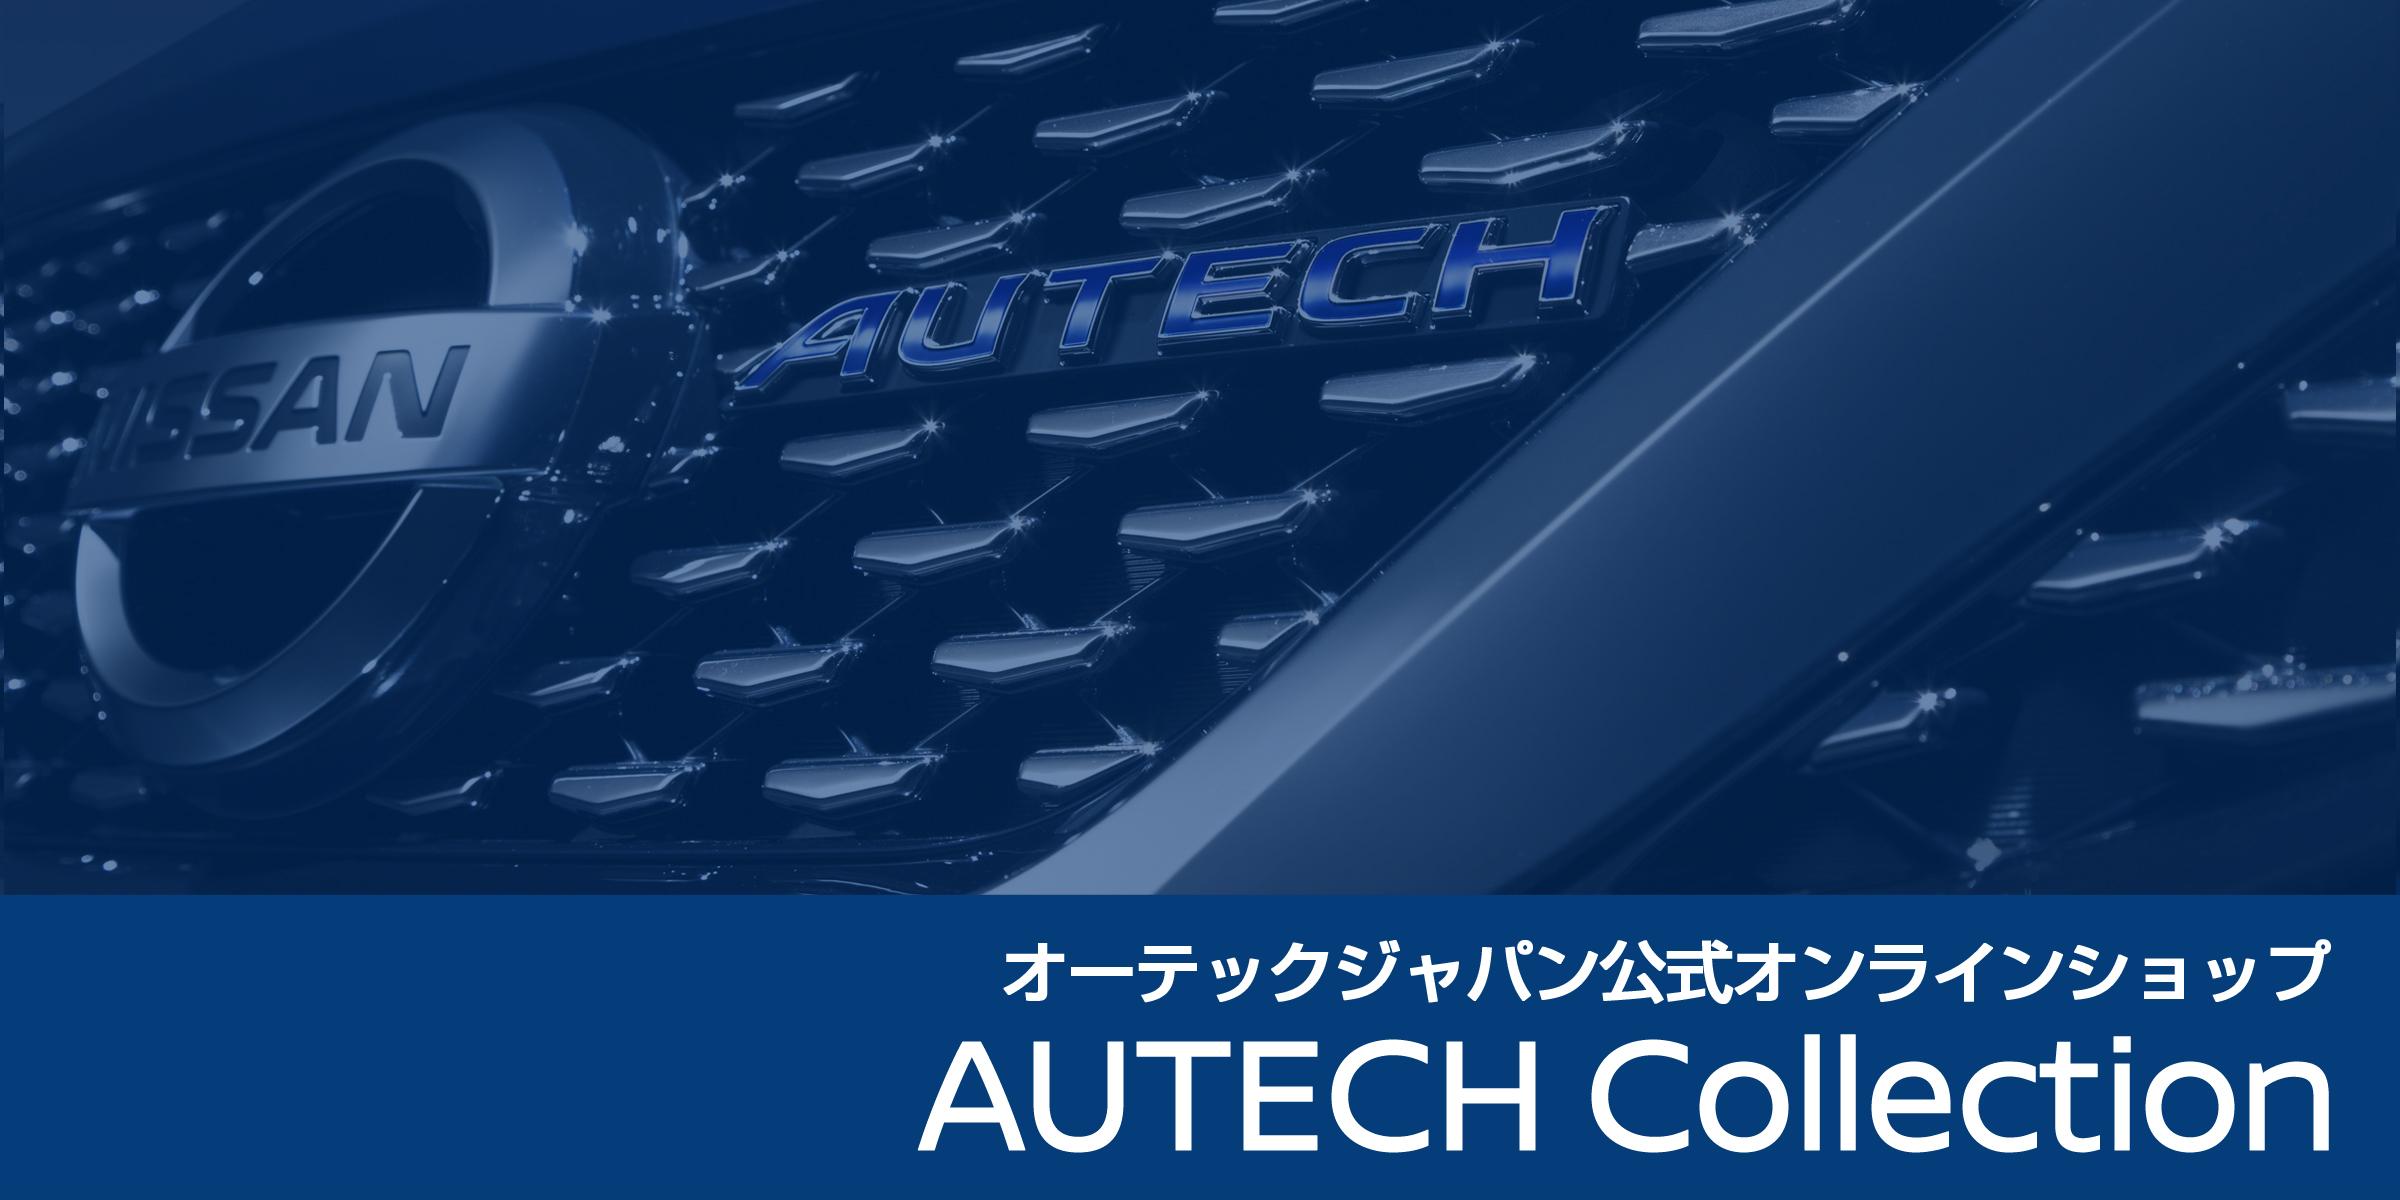 AUTECH collection